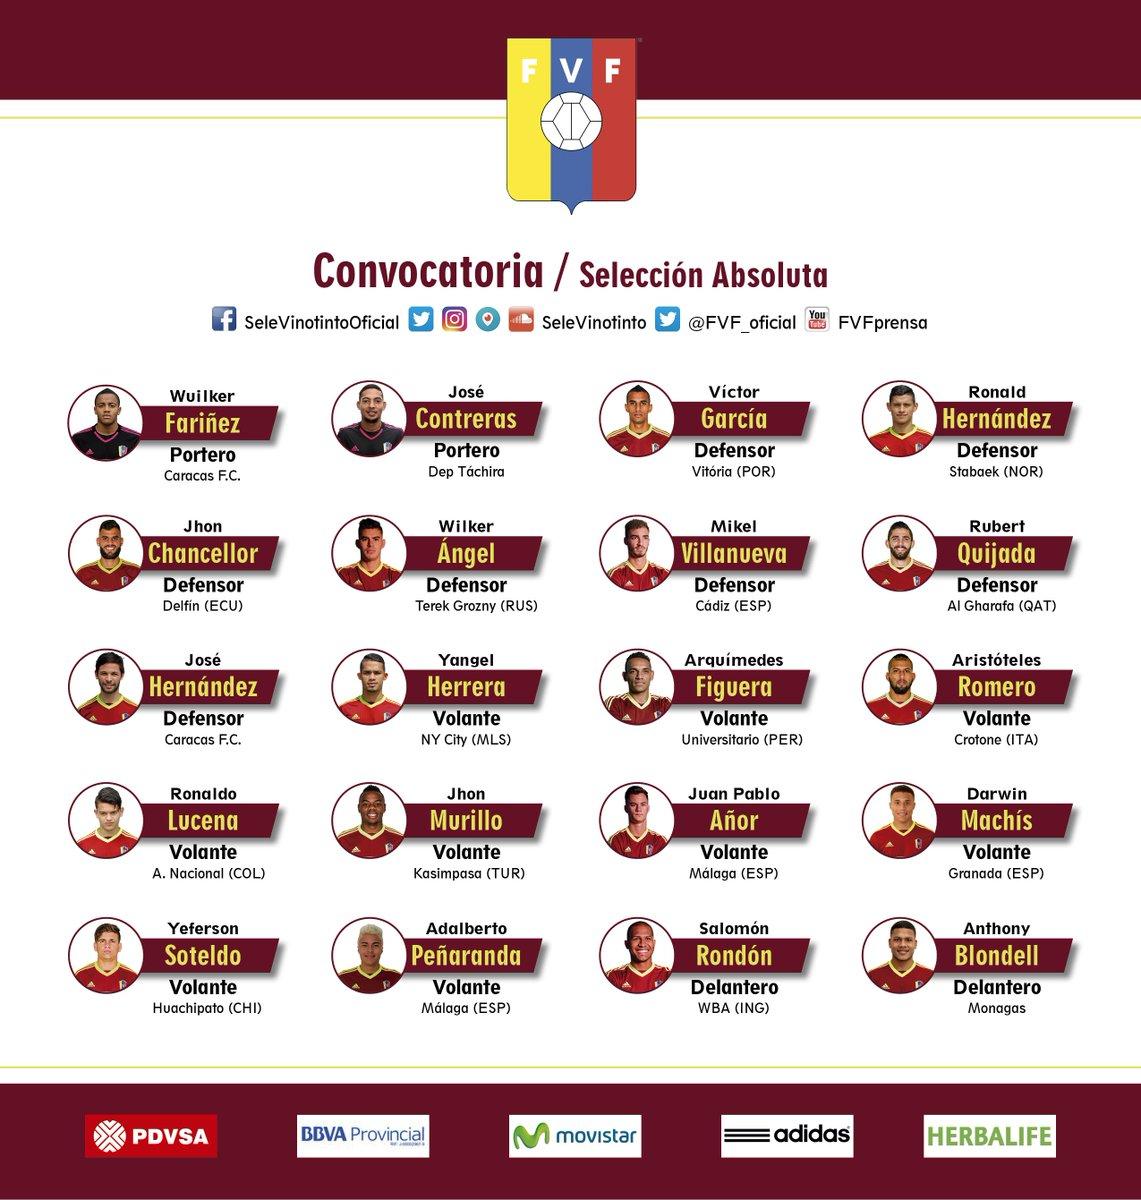 Dudamel convocó a 20 futbolistas para enfrentar a Irán